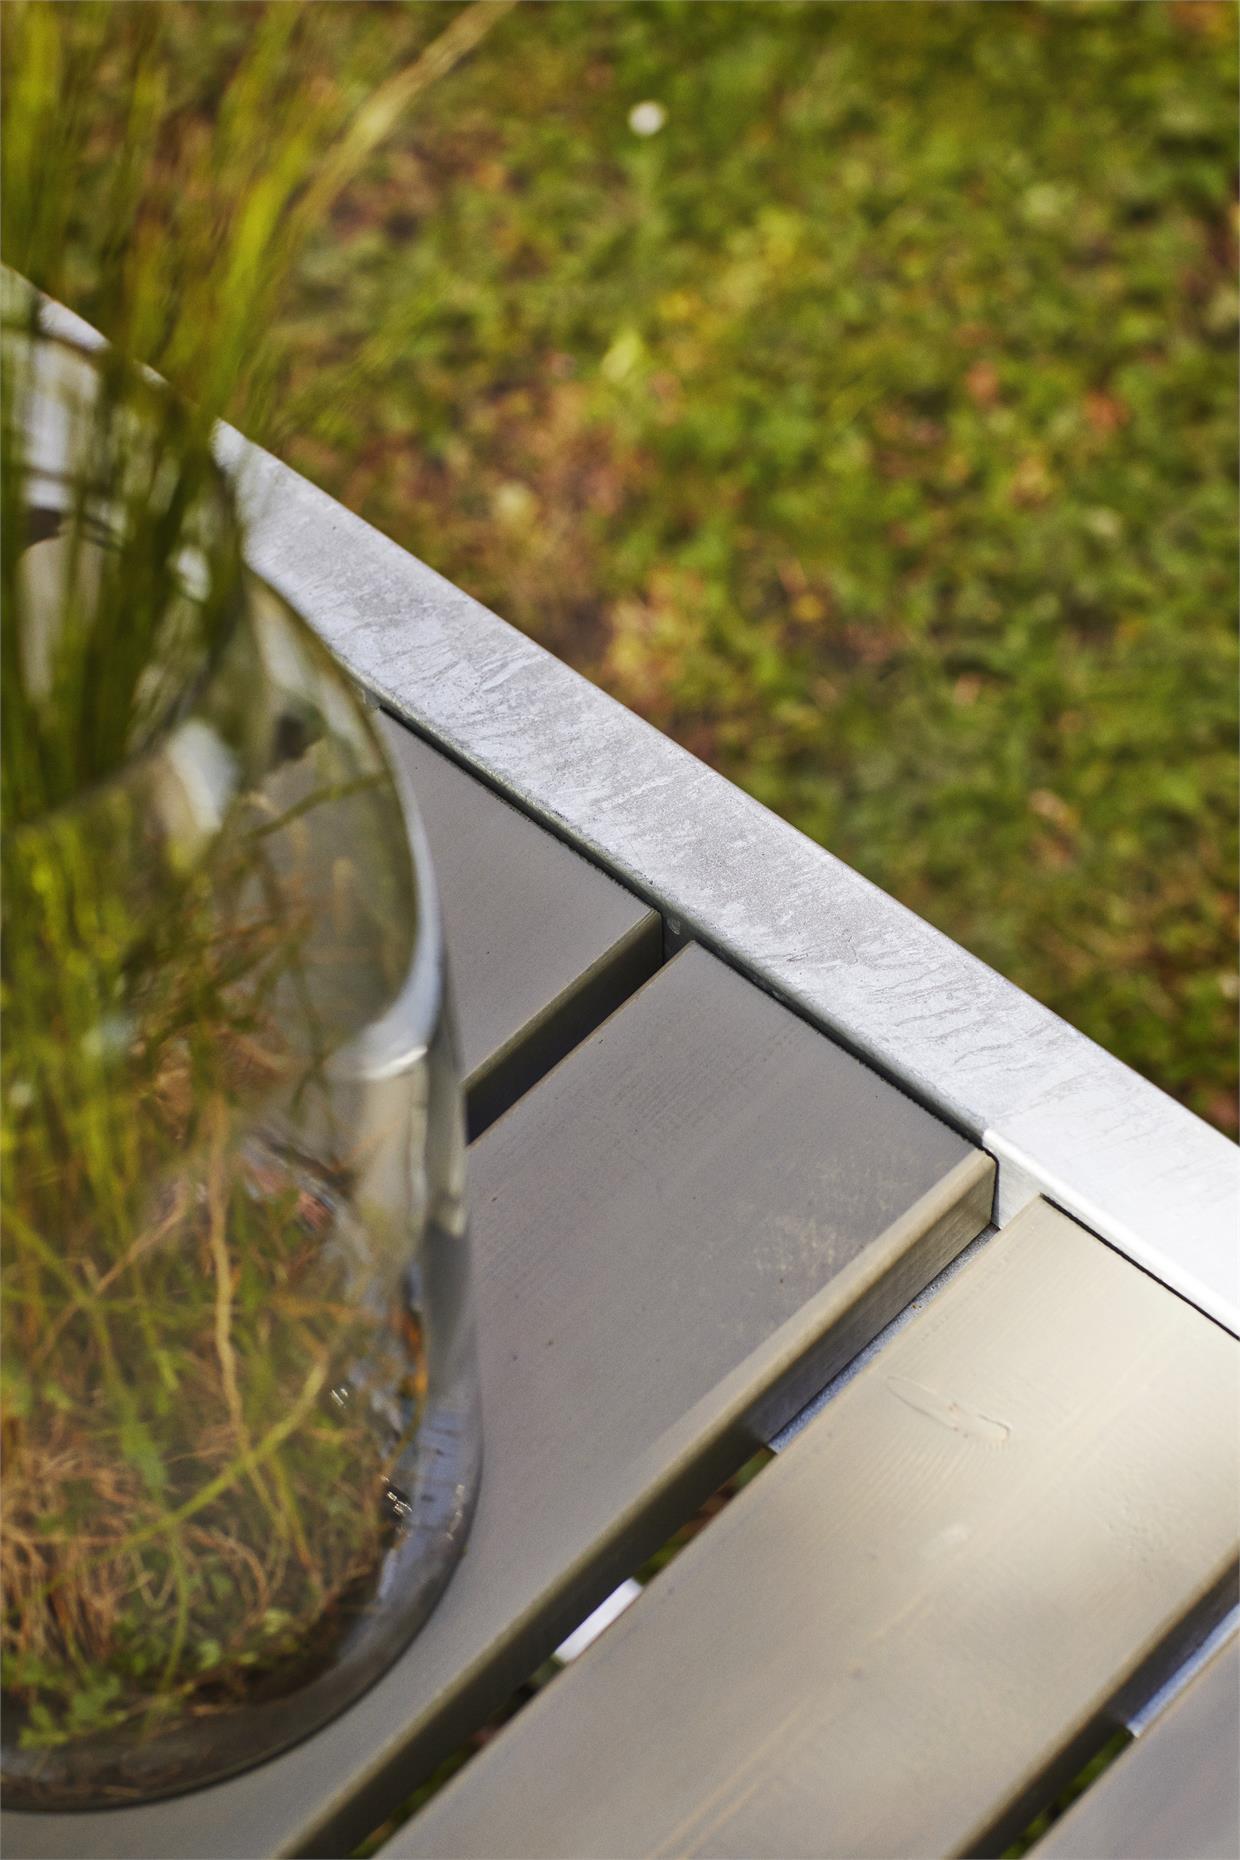 garten im quadrat moderne outdoor sitzgarnitur planken holz massiv graubraun taupe hnlich. Black Bedroom Furniture Sets. Home Design Ideas